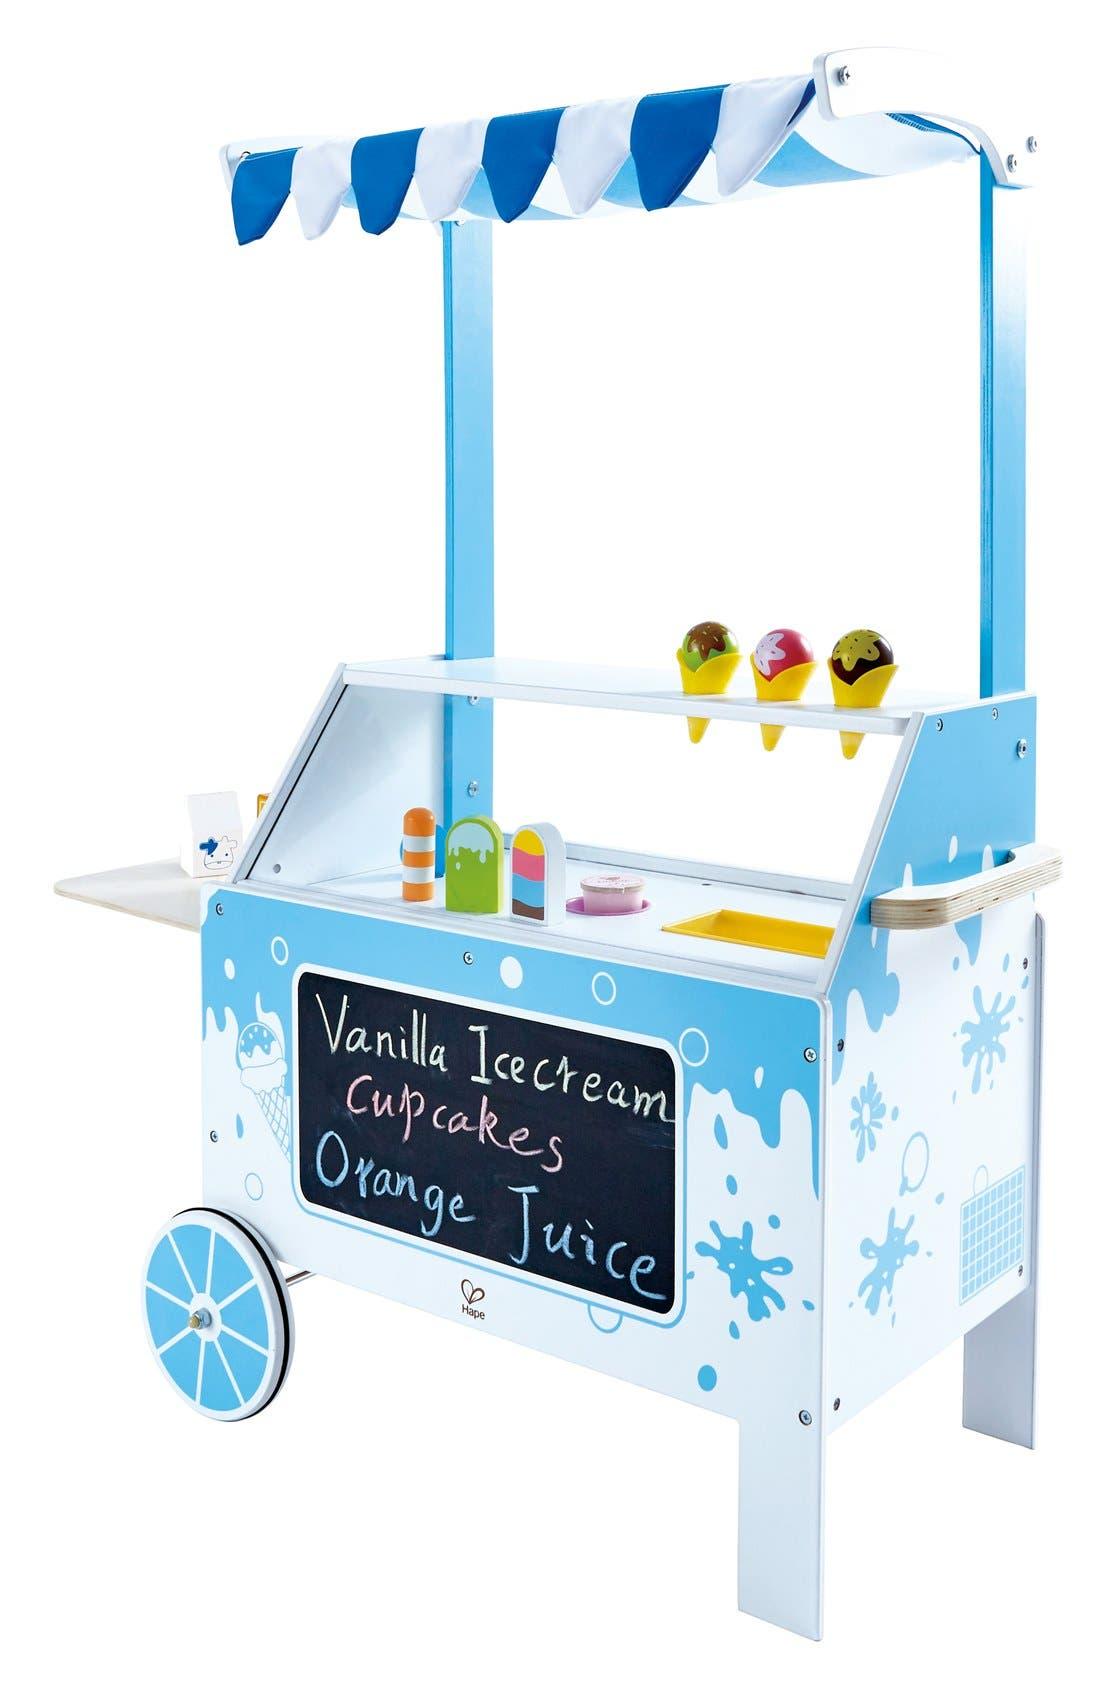 'Ice Cream Emporium' Play Store,                             Alternate thumbnail 3, color,                             400